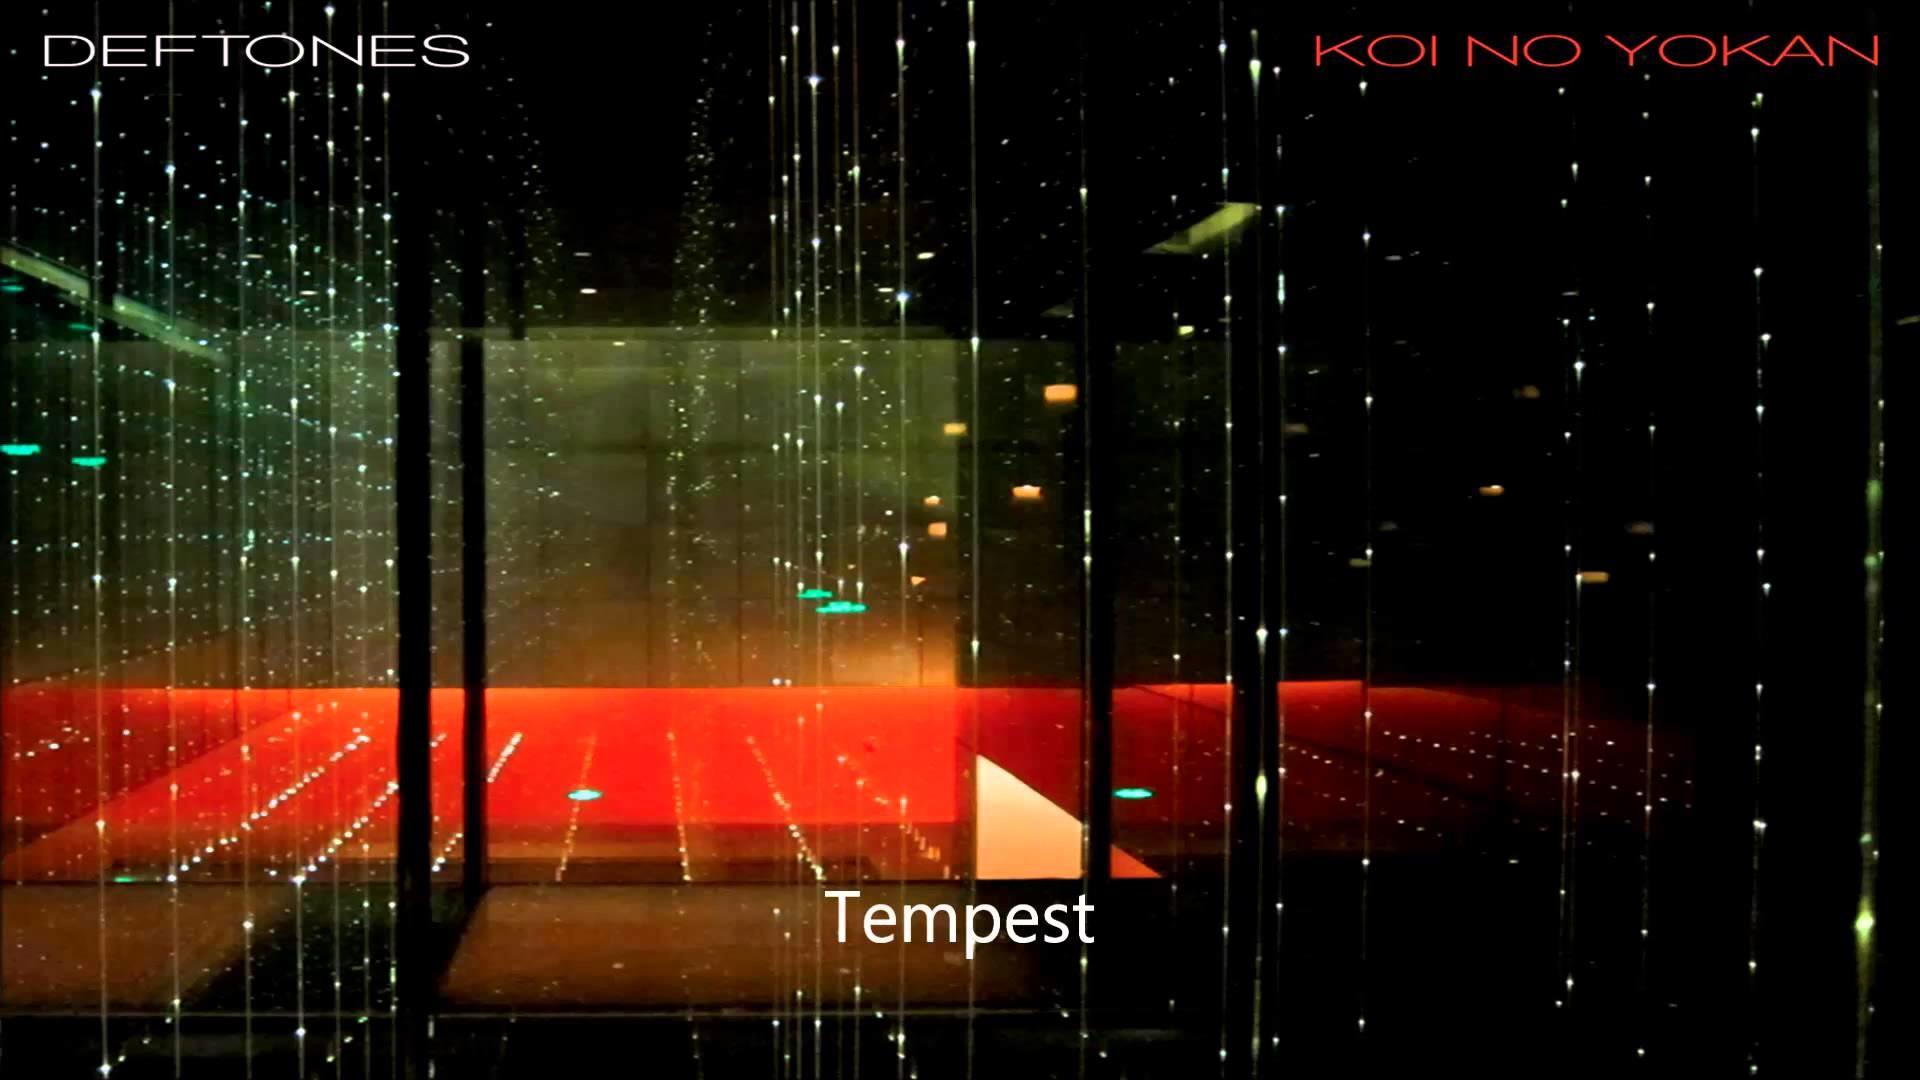 Deftones – Koi No Yokan (Full Album) HD